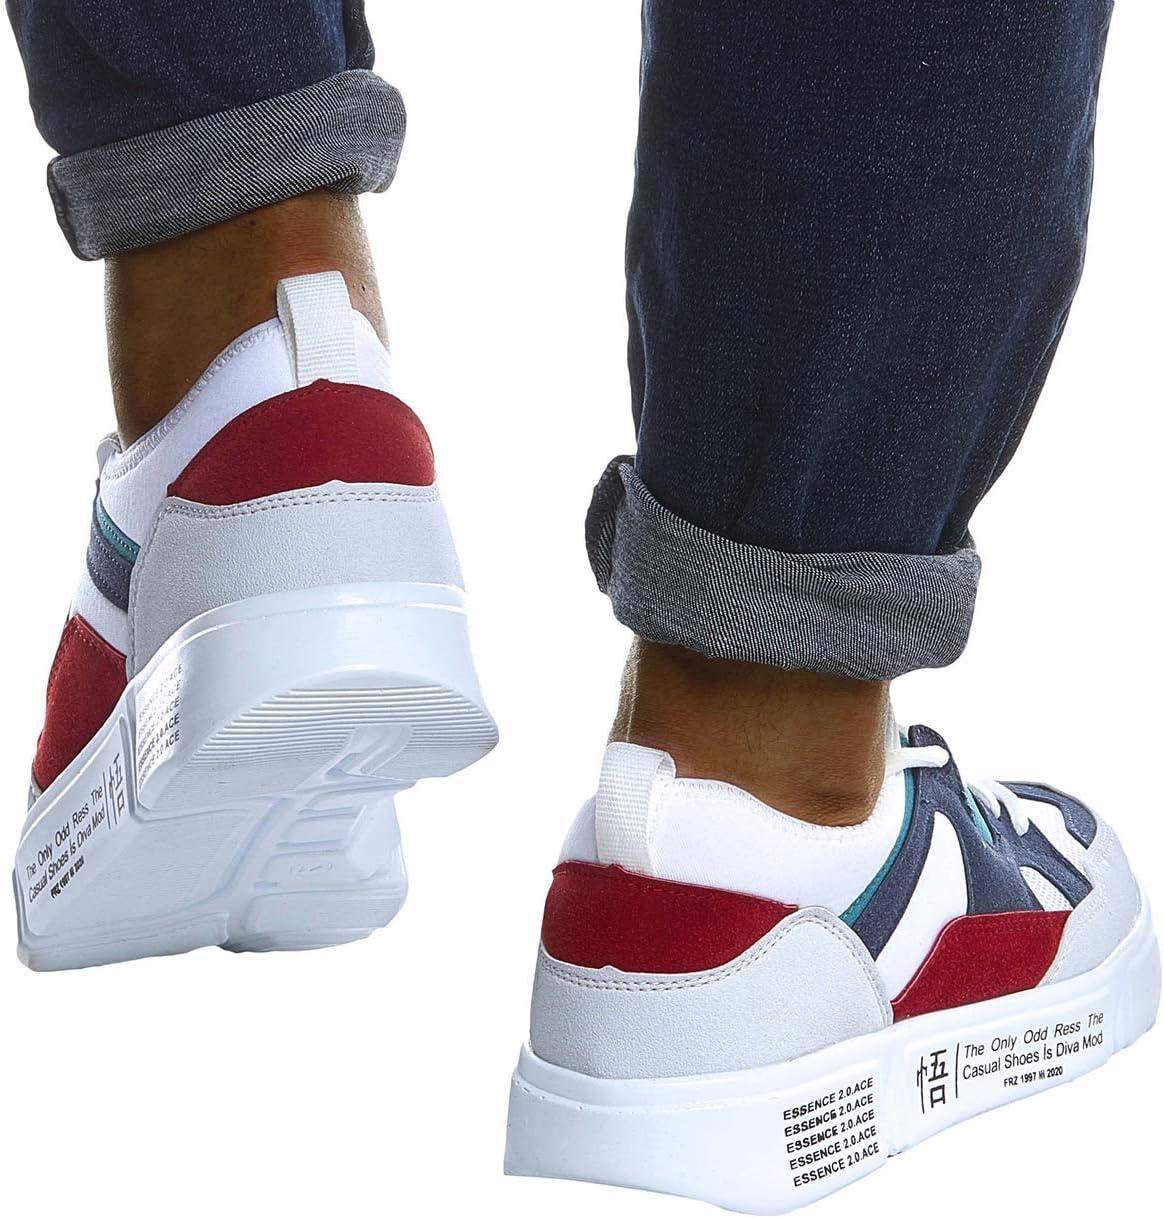 Leif Nelson heren schoenen voor vrije tijd sport training vrijetijdsschoenen mannen witte sneaker voor zomer winter zomer schoenen sportschoenen witte schoenen voor jongens Fitness winterschoenen half Weiss-blau